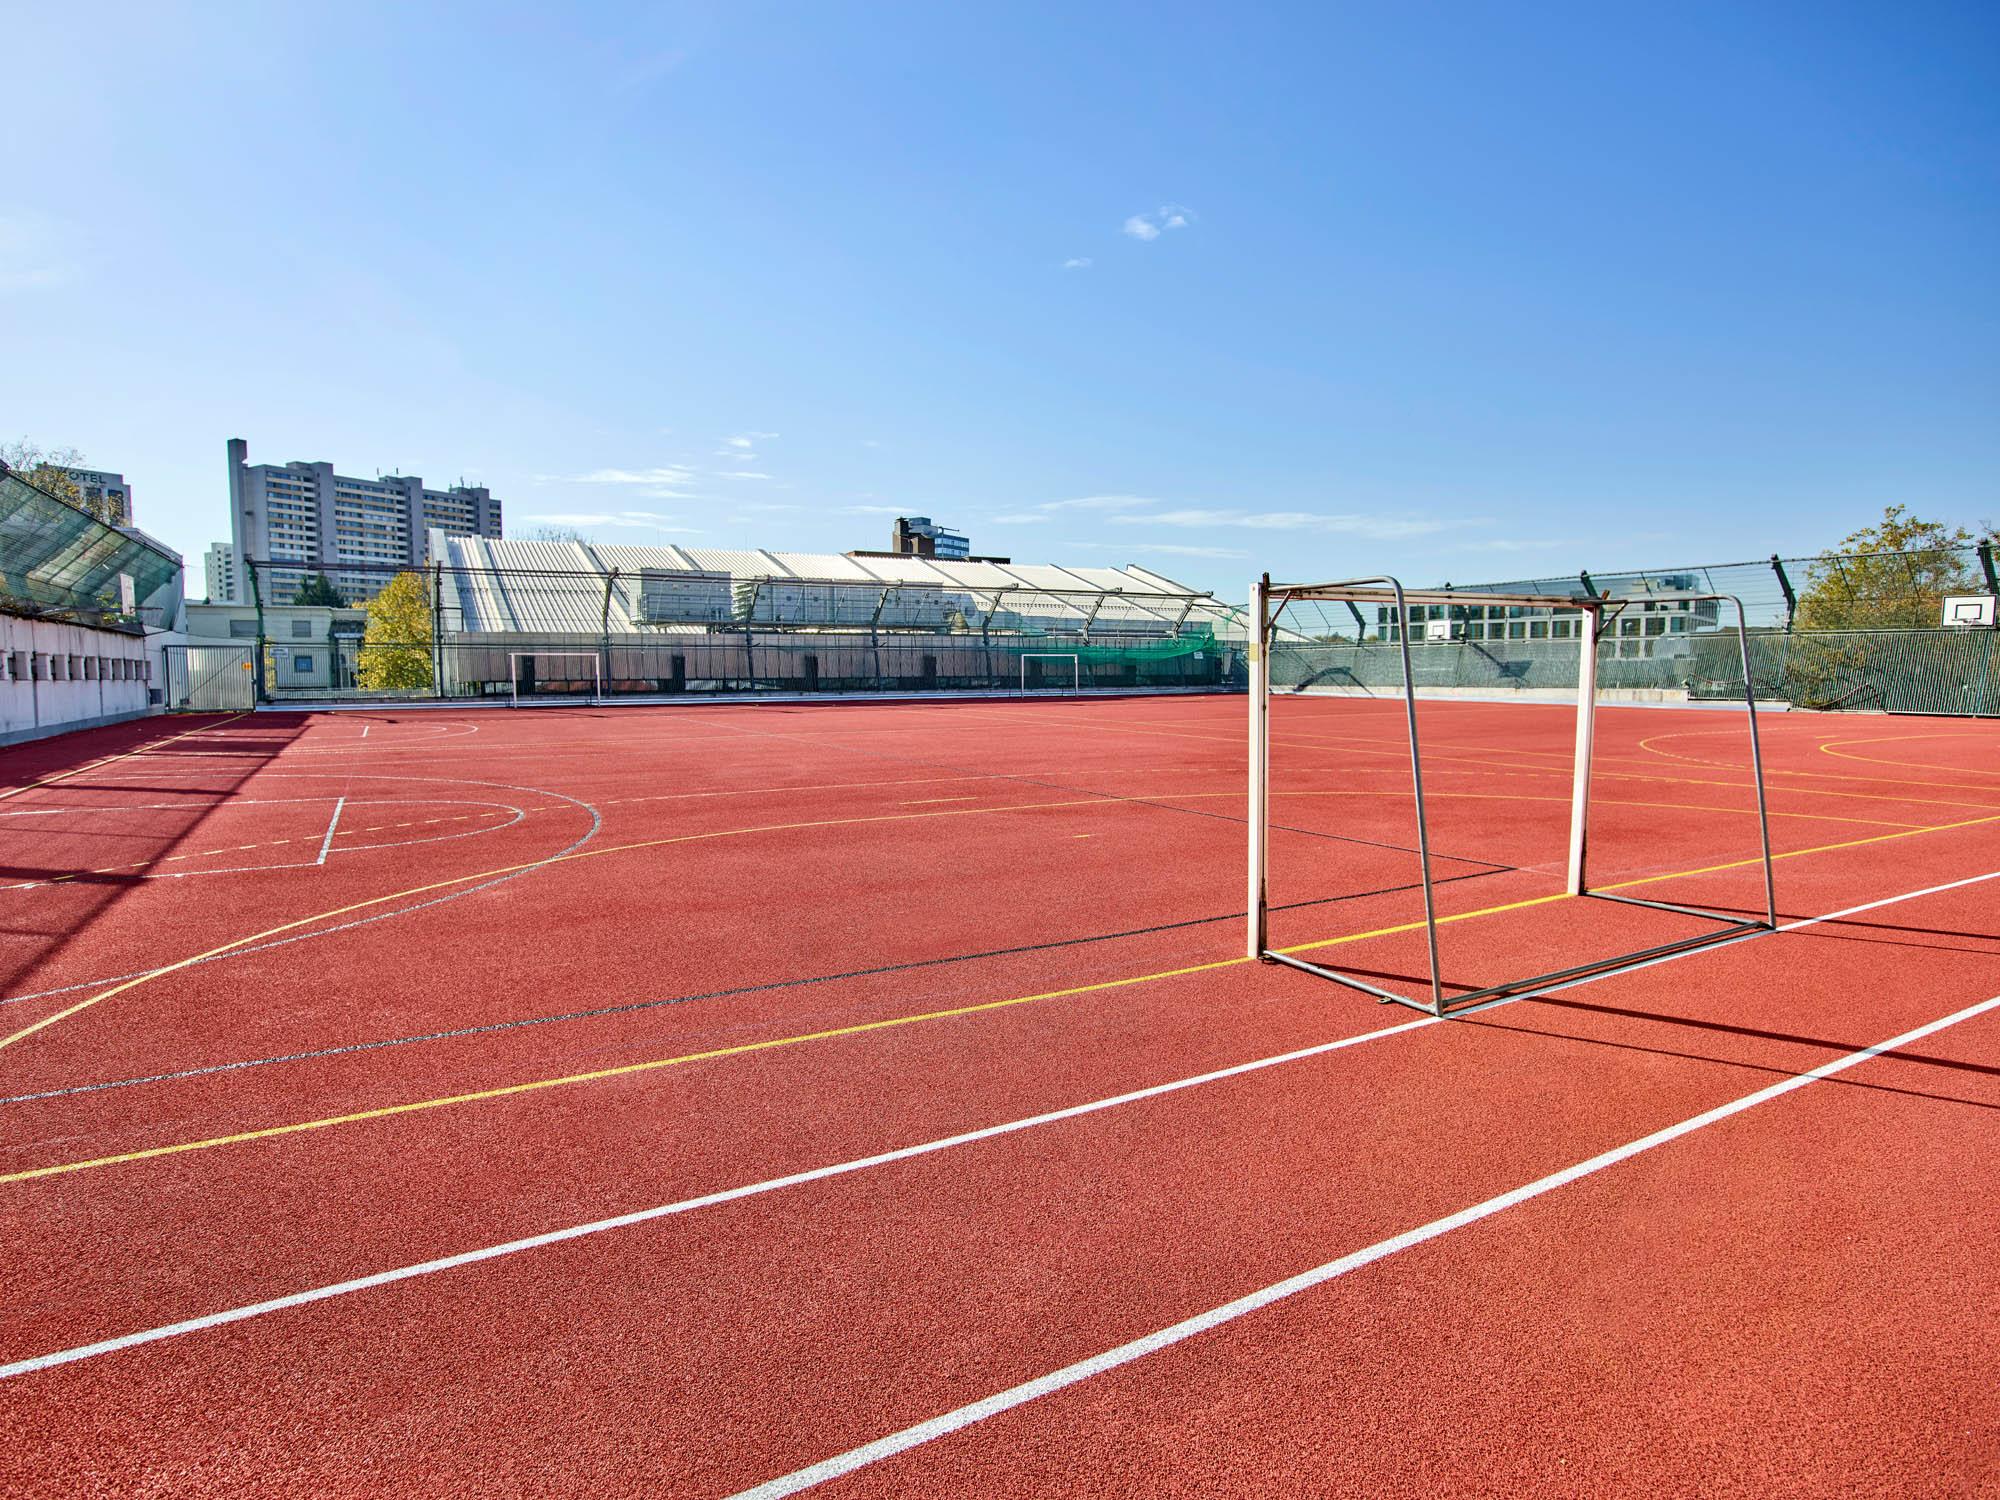 OPP 171019 0151 - Zimbelmann - Ingenieurbüro für Instandsetzung: Sportplatz